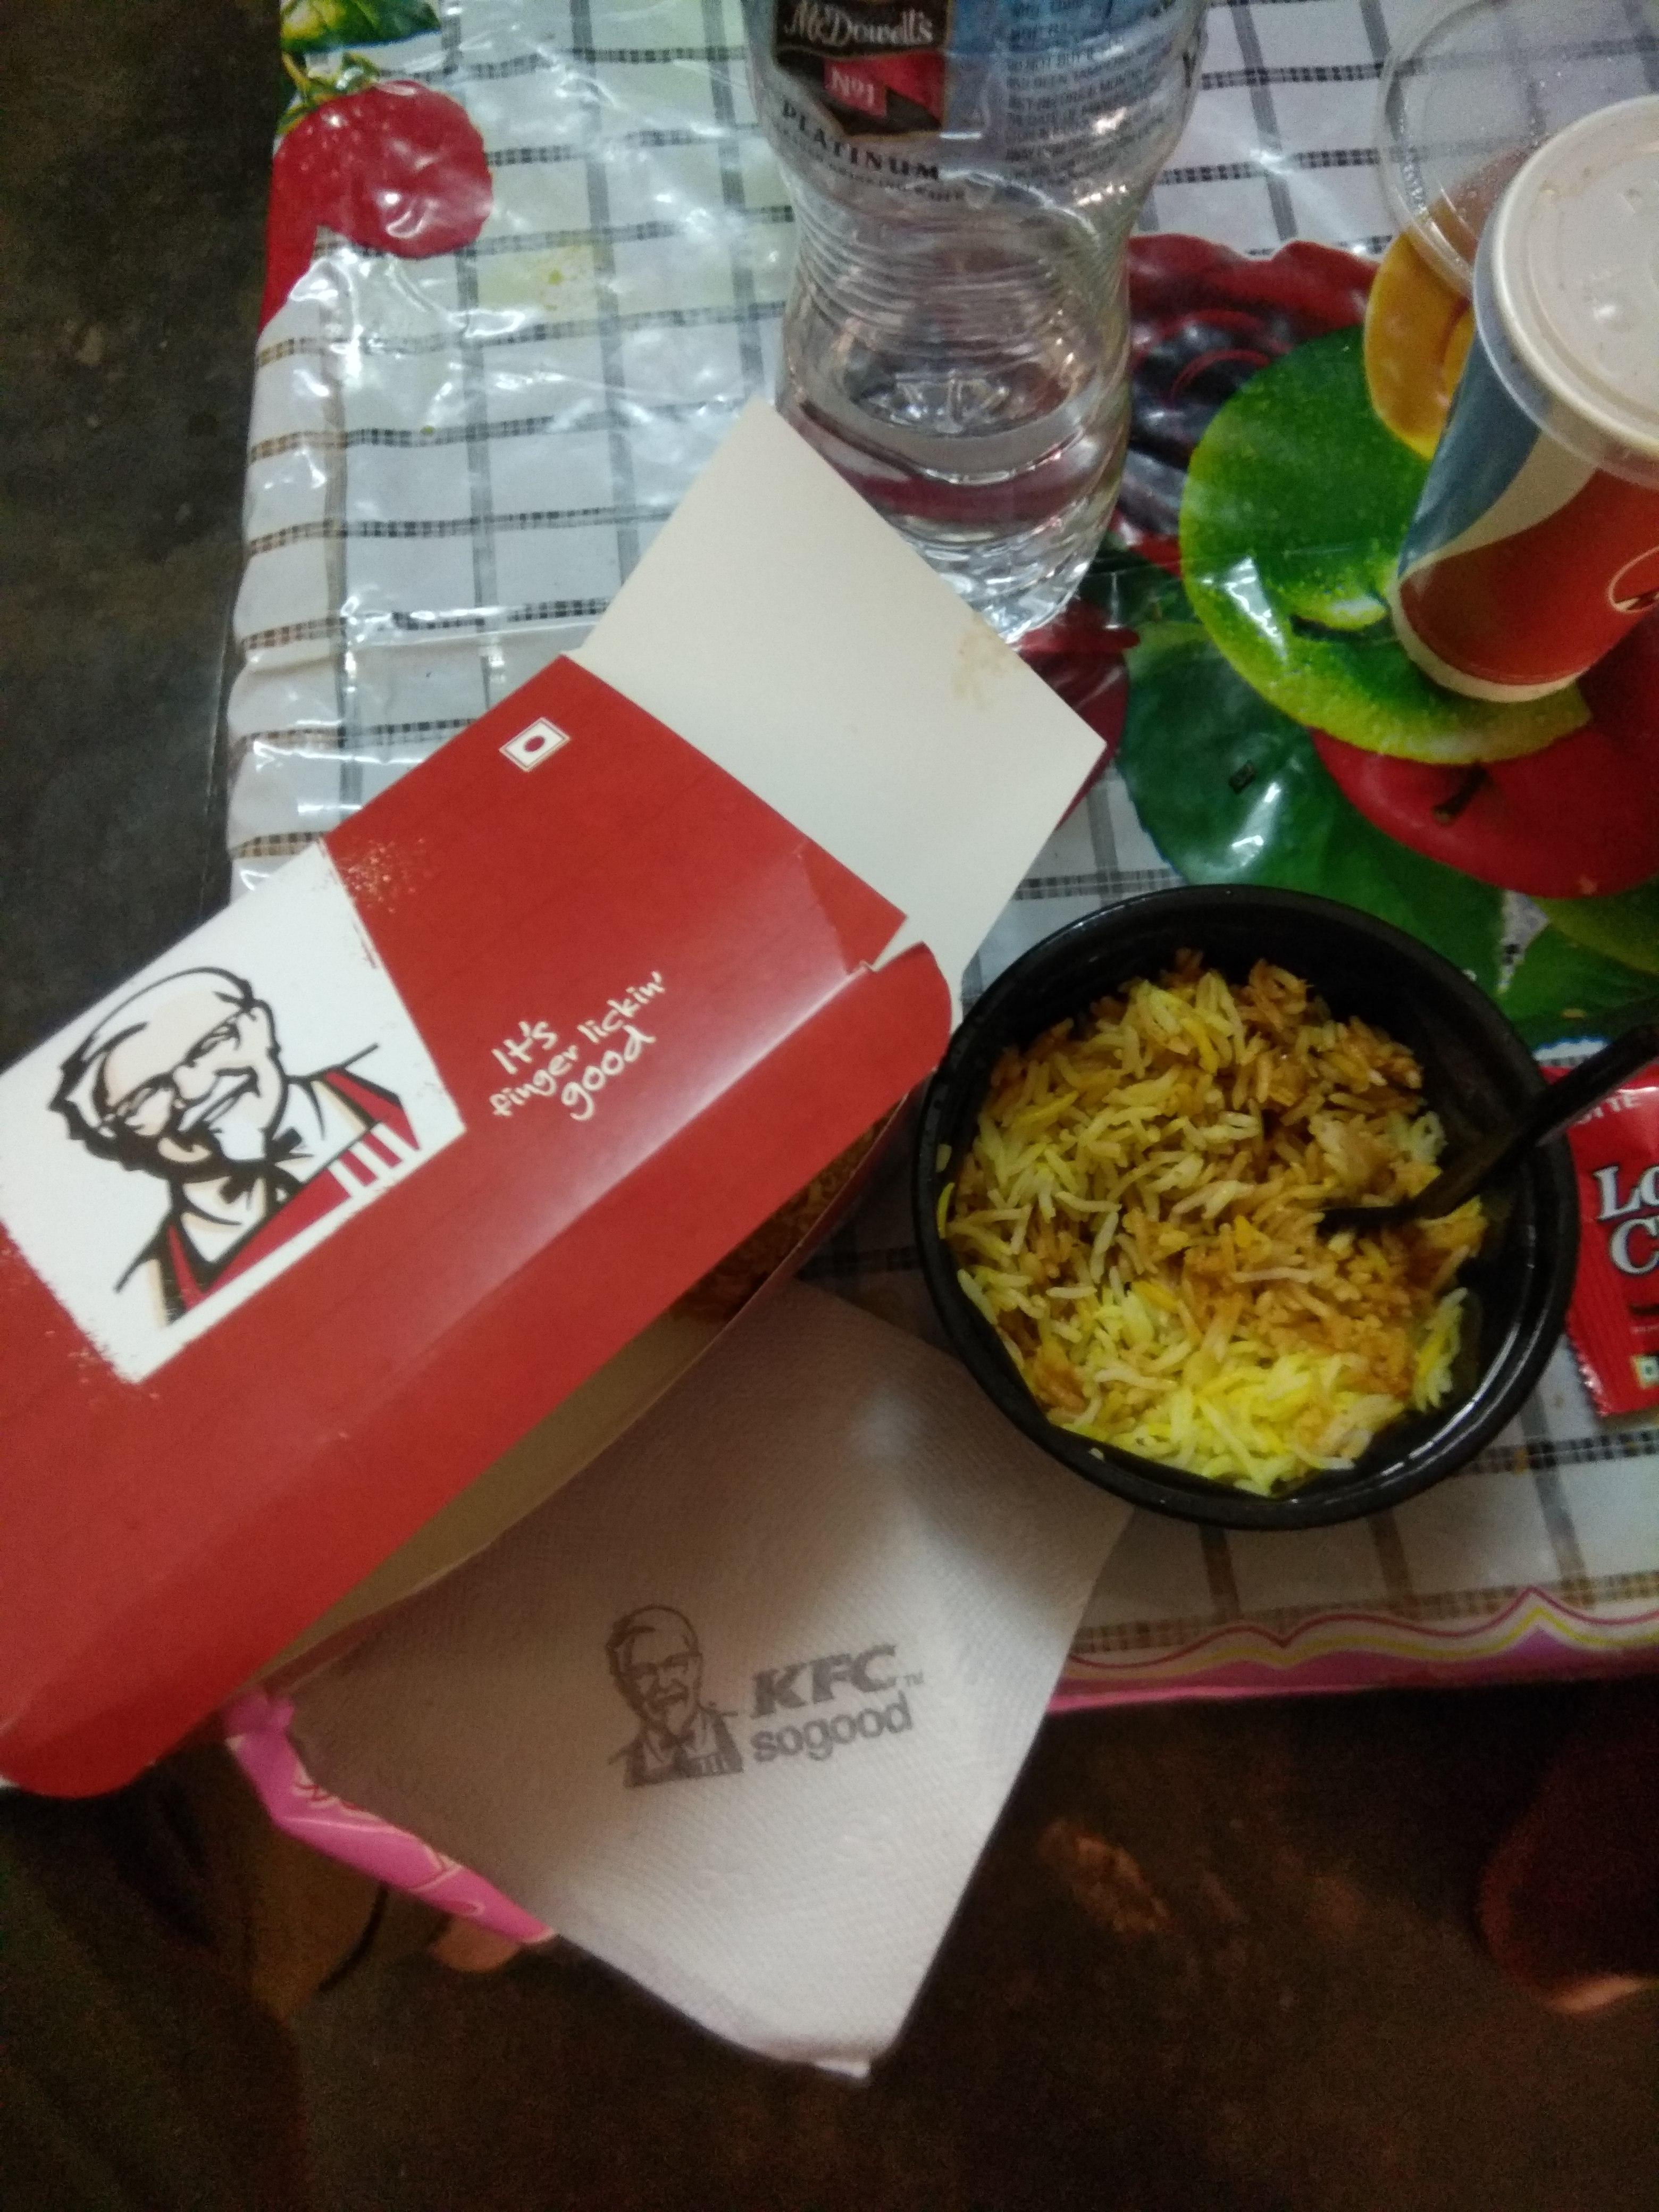 KFC not so good but average KFC KHARABELA NAGAR BHUBANESWAR